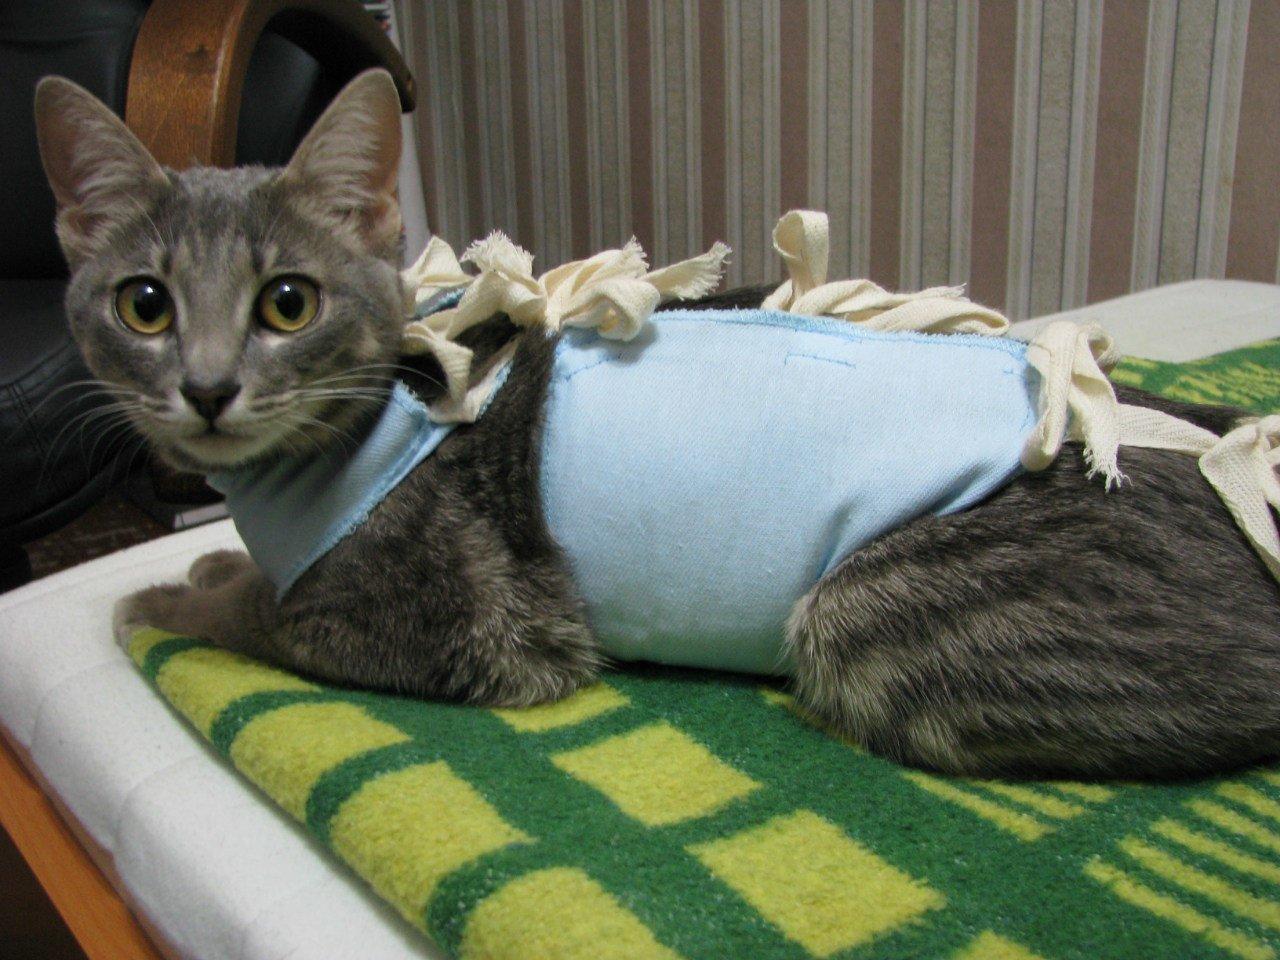 Хорошие ветеринарные клиники дают целые пособия по тому, как ухаживать за кошкой после операции стерилизация